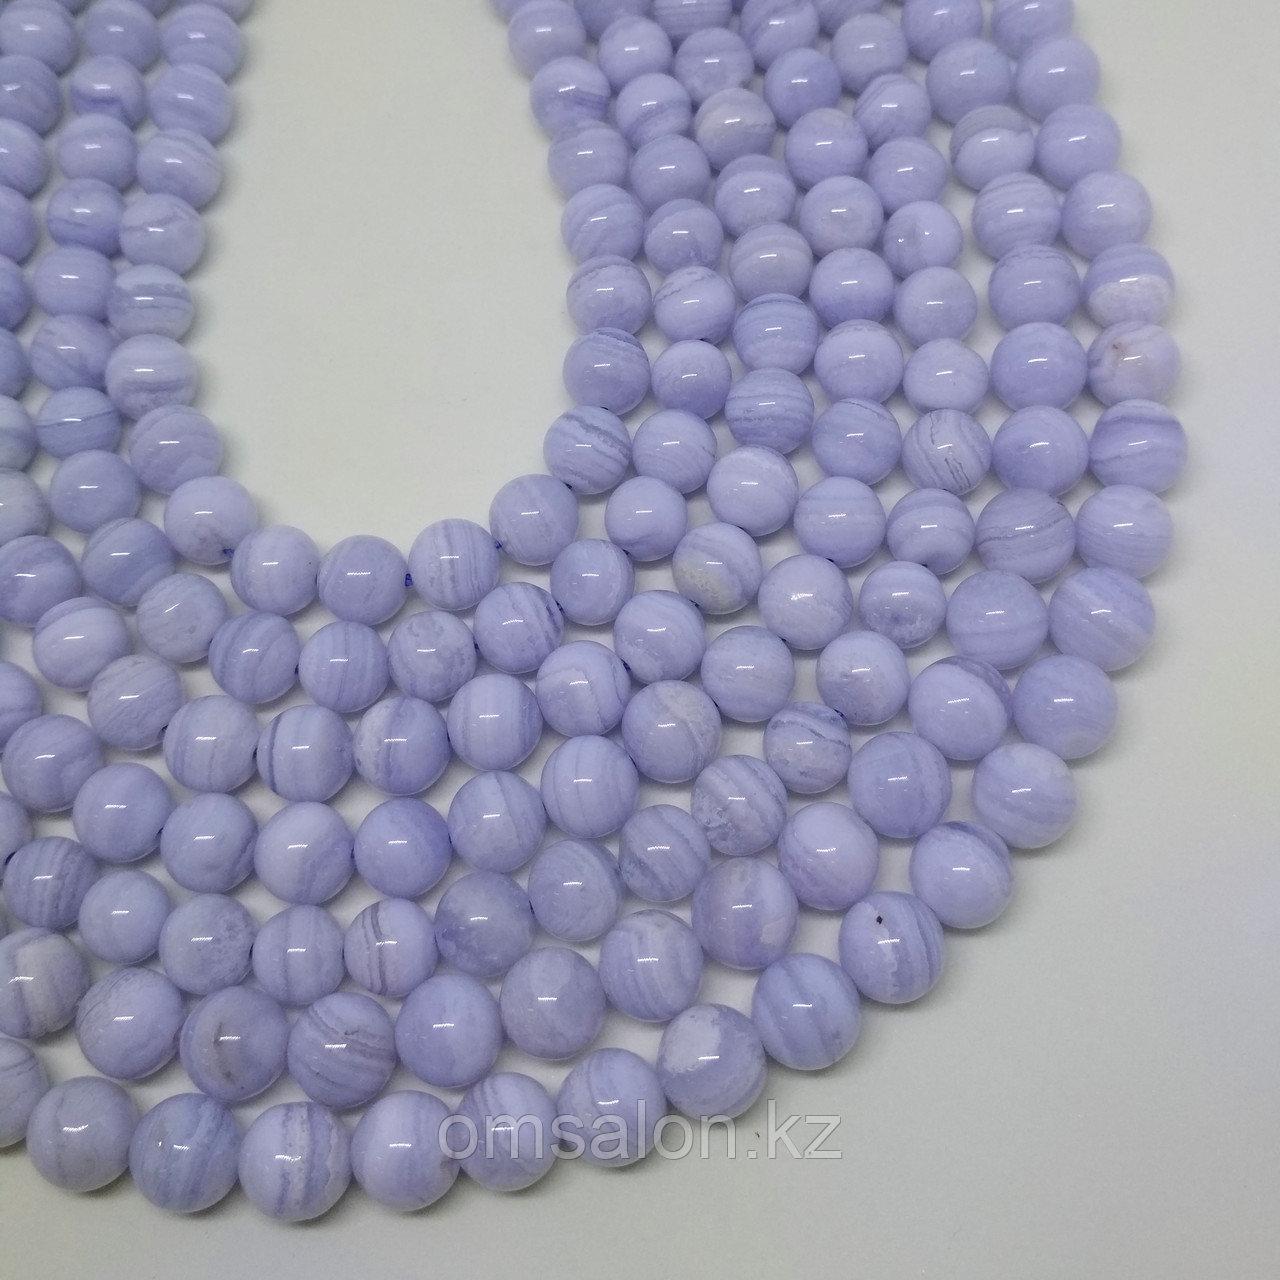 Сапфирин (голубой агат), 8мм